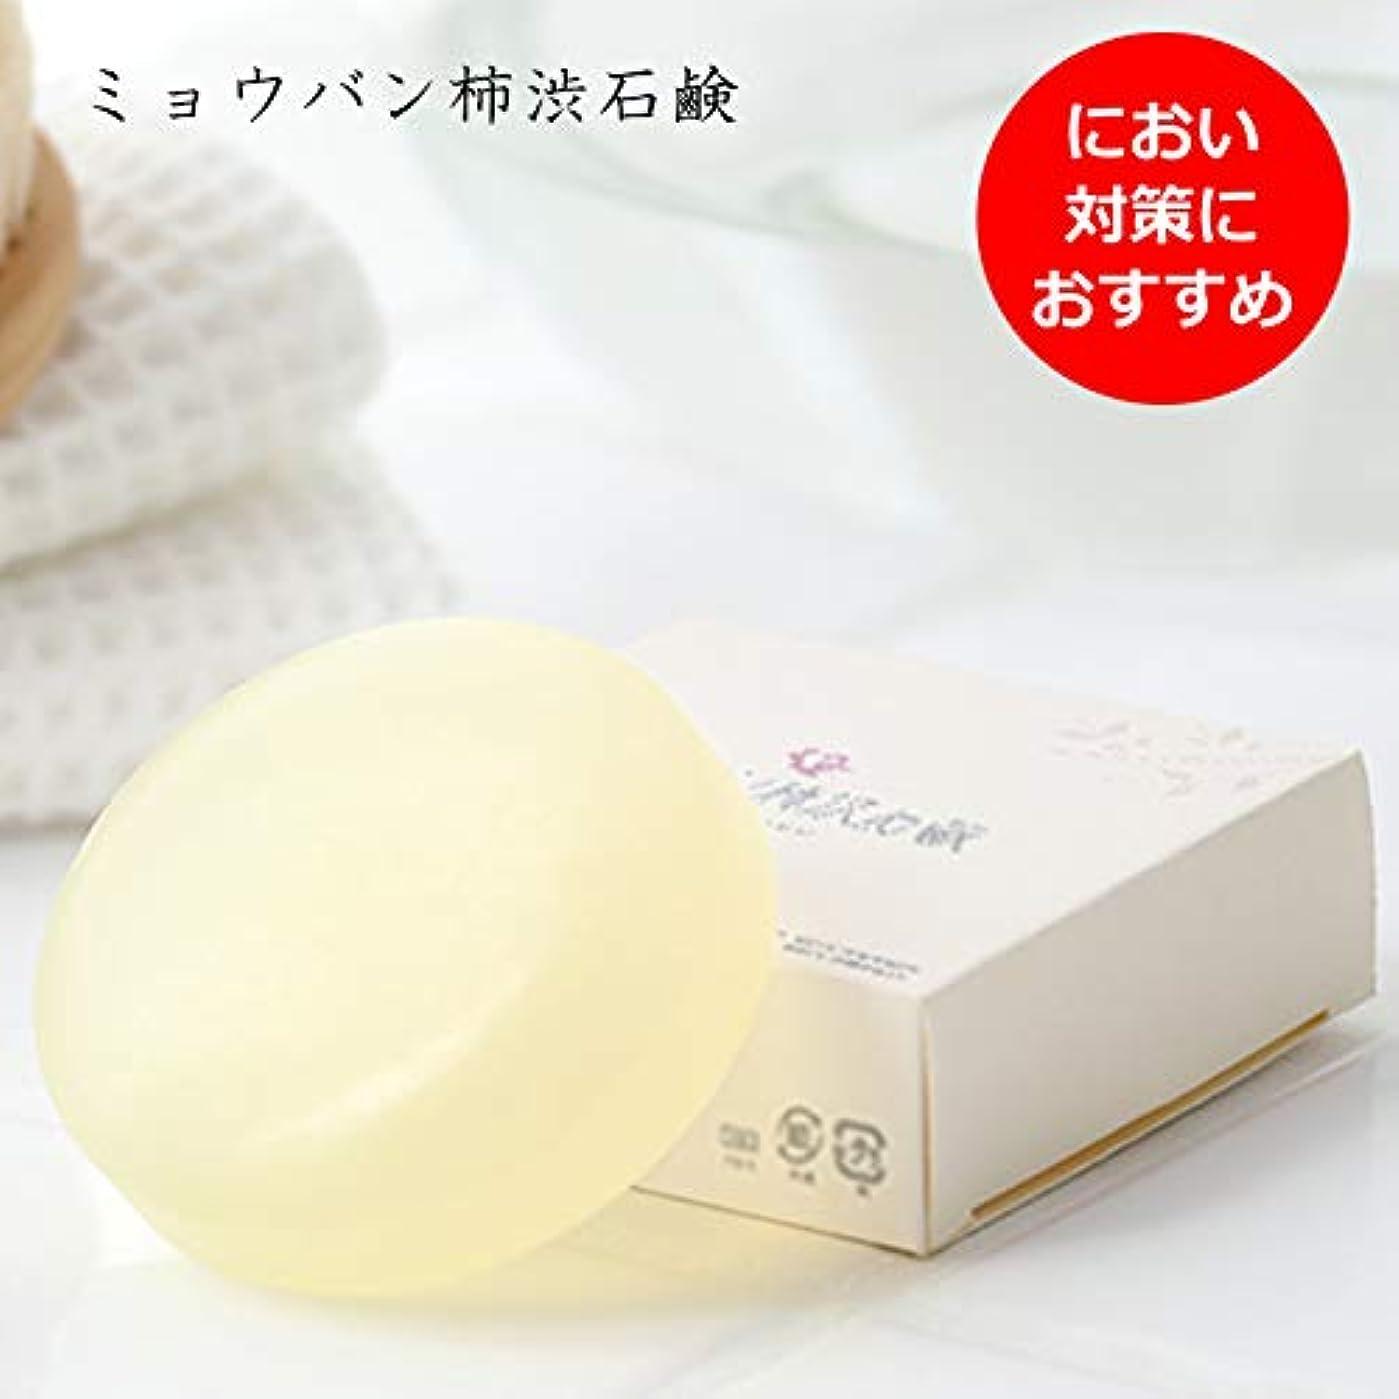 コマンド機関車賛辞【単品】ミョウバン柿渋石鹸(ナチュラルクリアソープ) (01個)